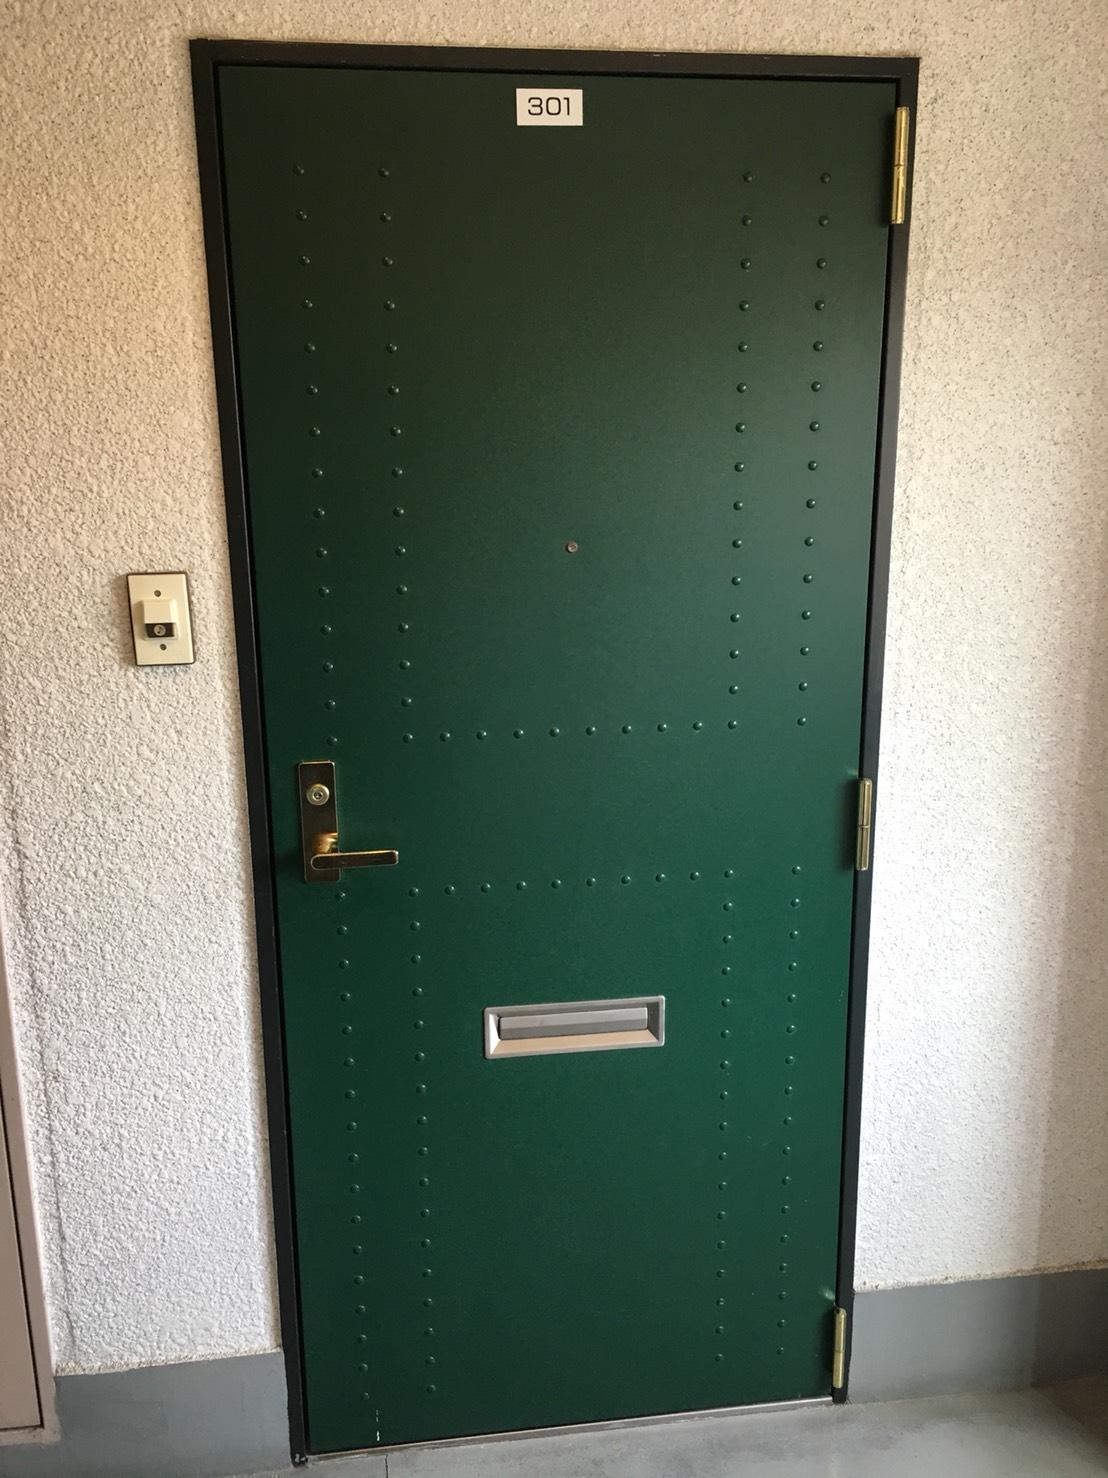 玄関ドア🚪を綺麗に!玄関ドア🚪のお掃除はおそうじプラスにお任せ下さい👍お見積はもちろん出張料も無料で対応!